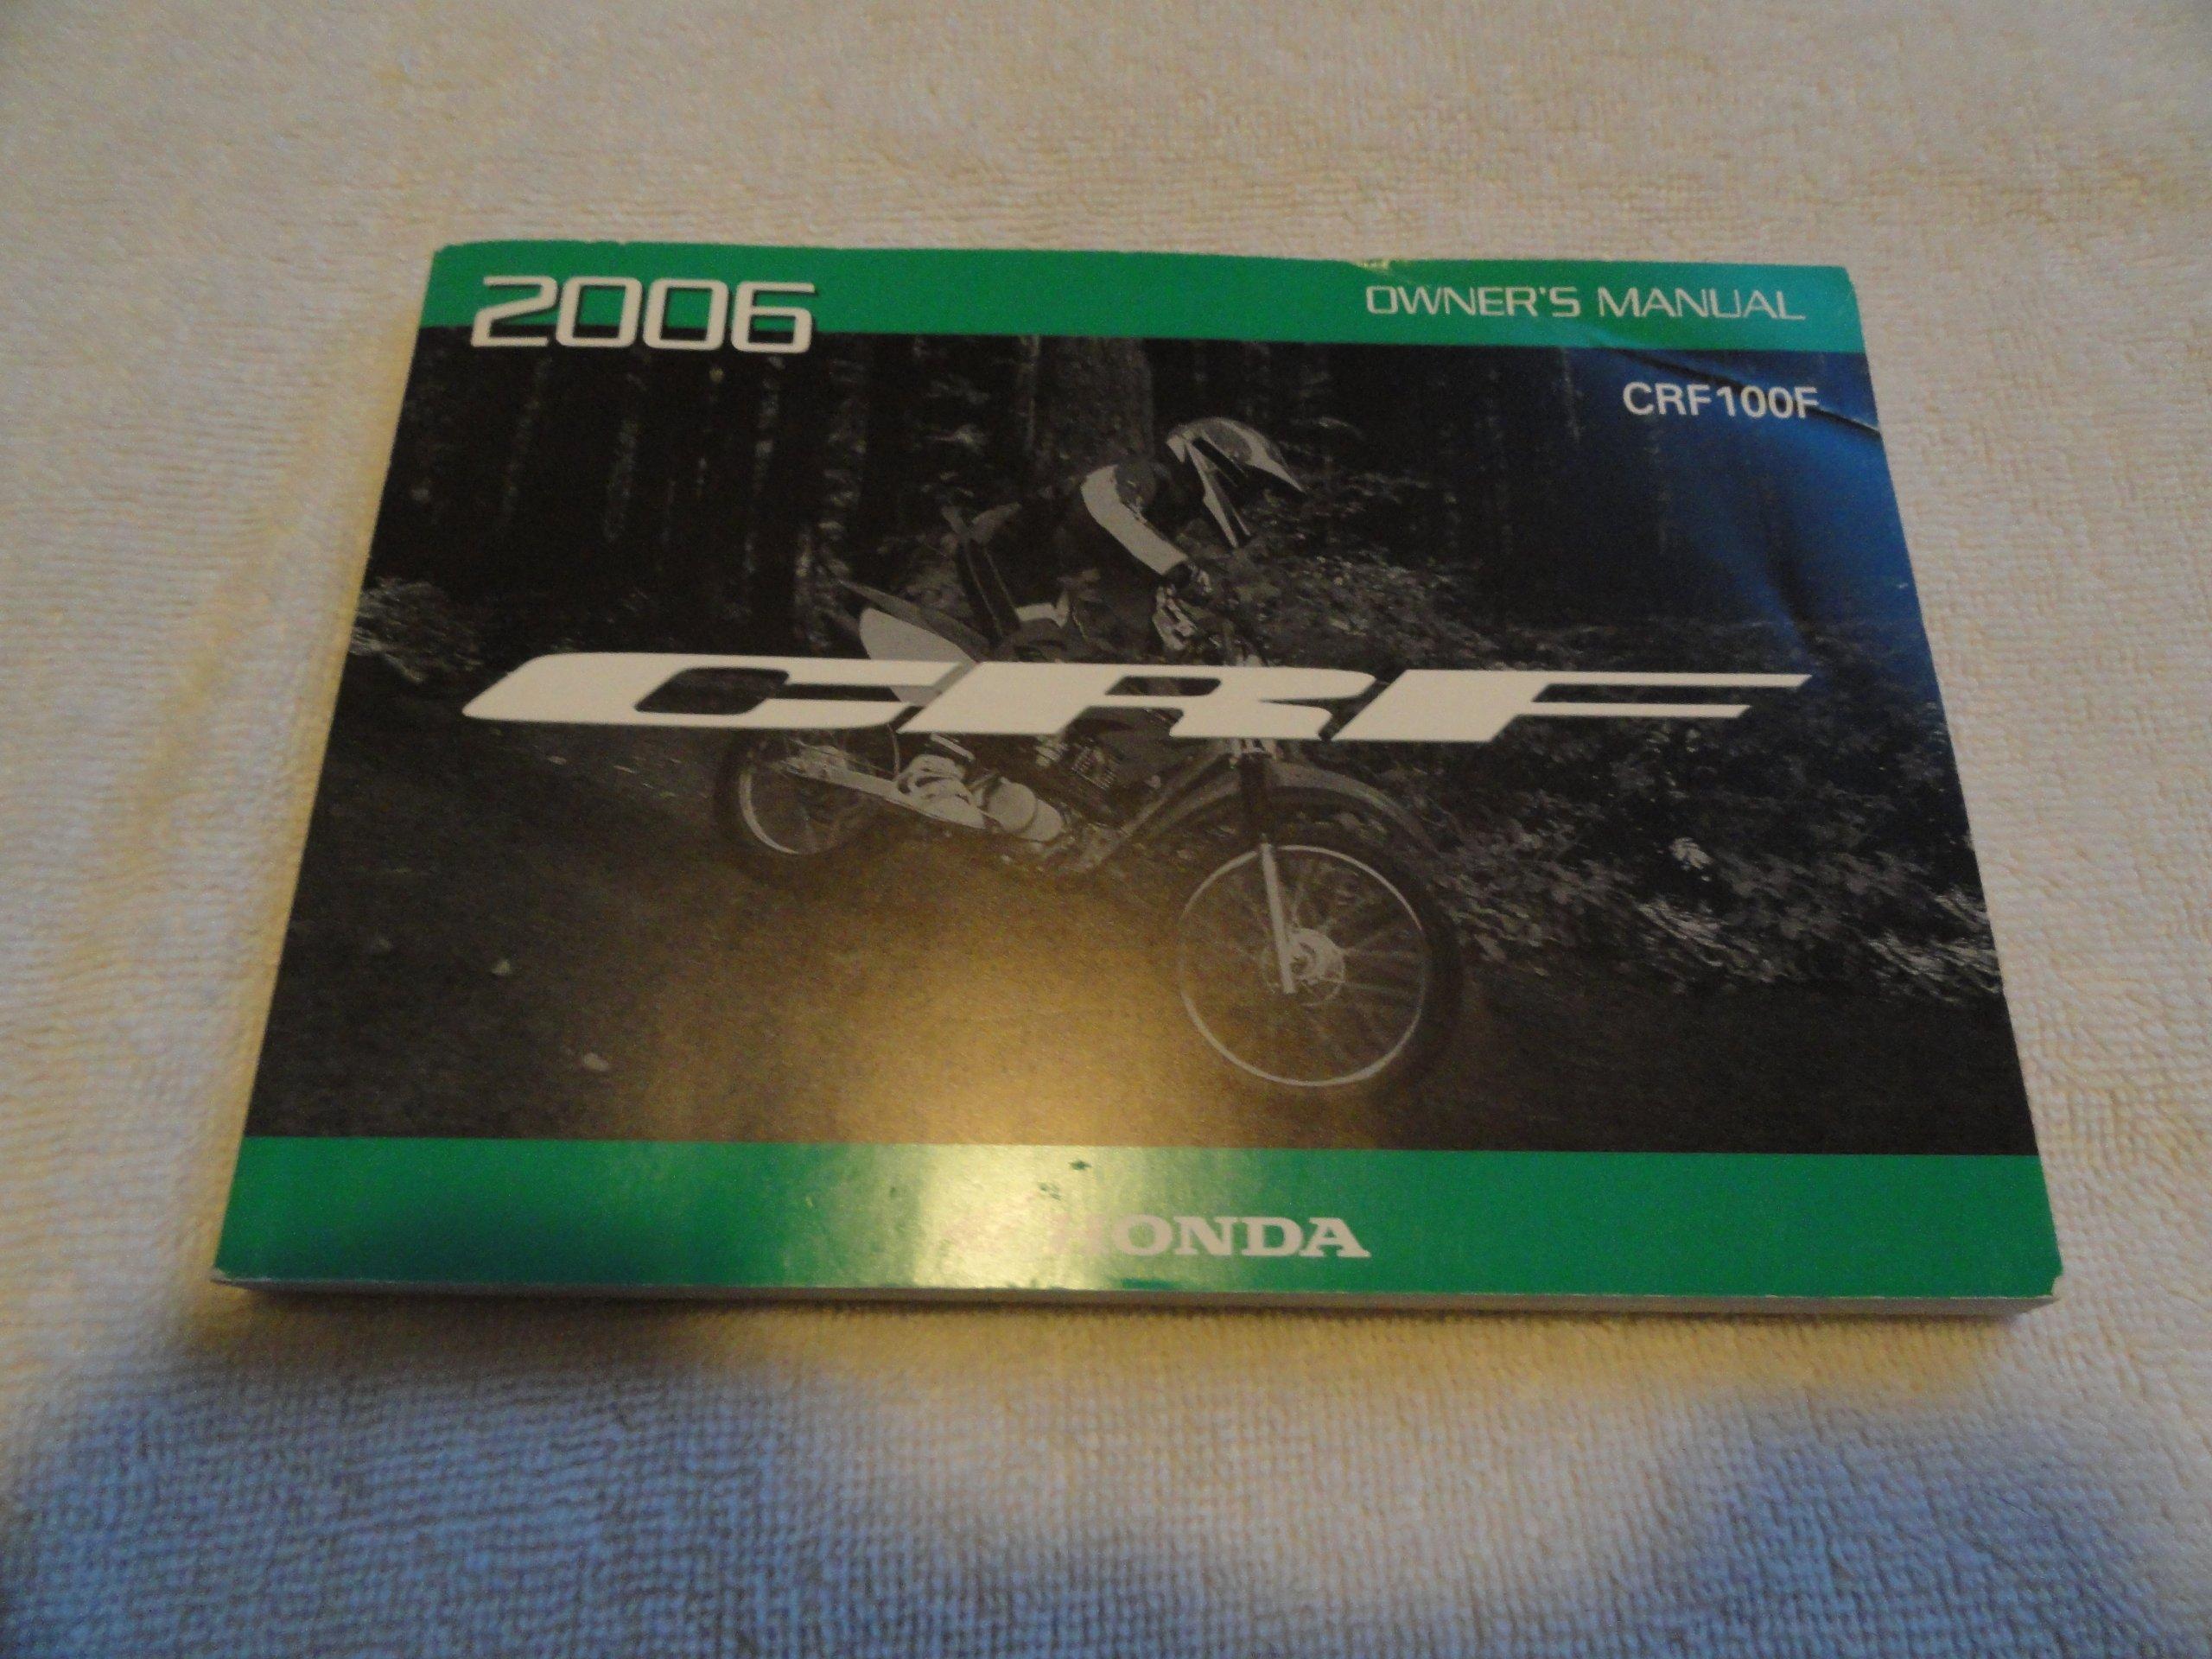 2006 honda crf100 owners manual crf 100 f honda amazon com books rh amazon com honda crf 100 service manual free download 2004 honda crf 100 owners manual